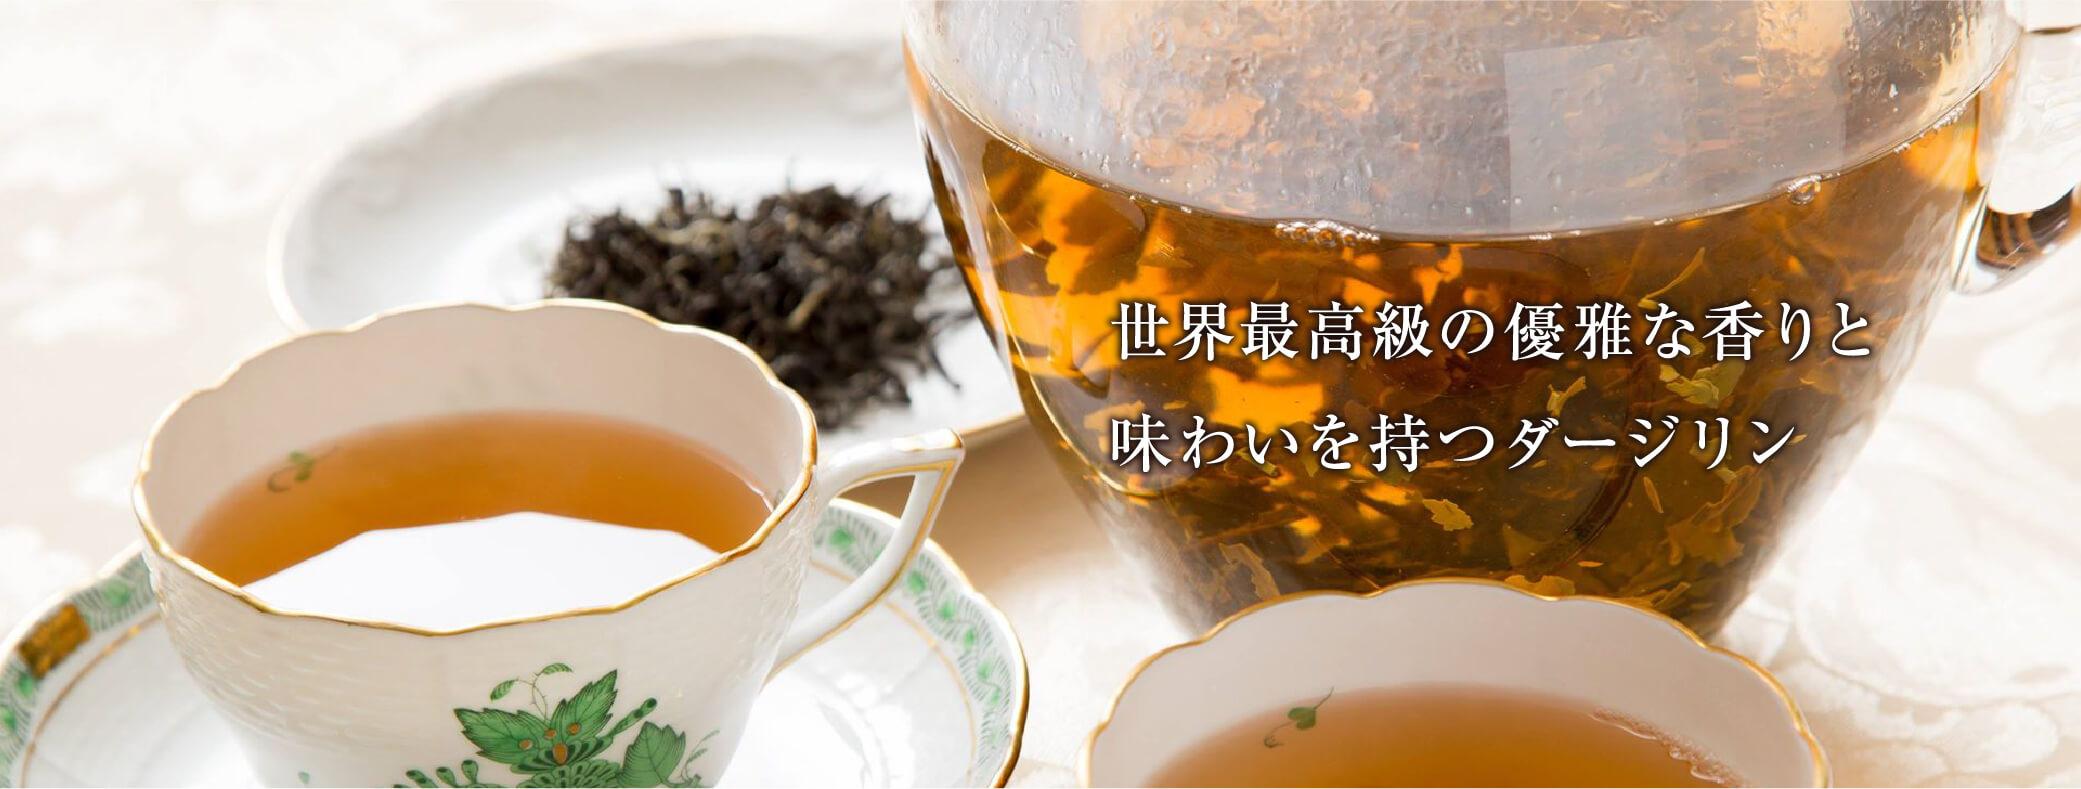 世界最高級の優雅な香りと 味わいを持つダージリン ダージリン紅茶とポットの写真